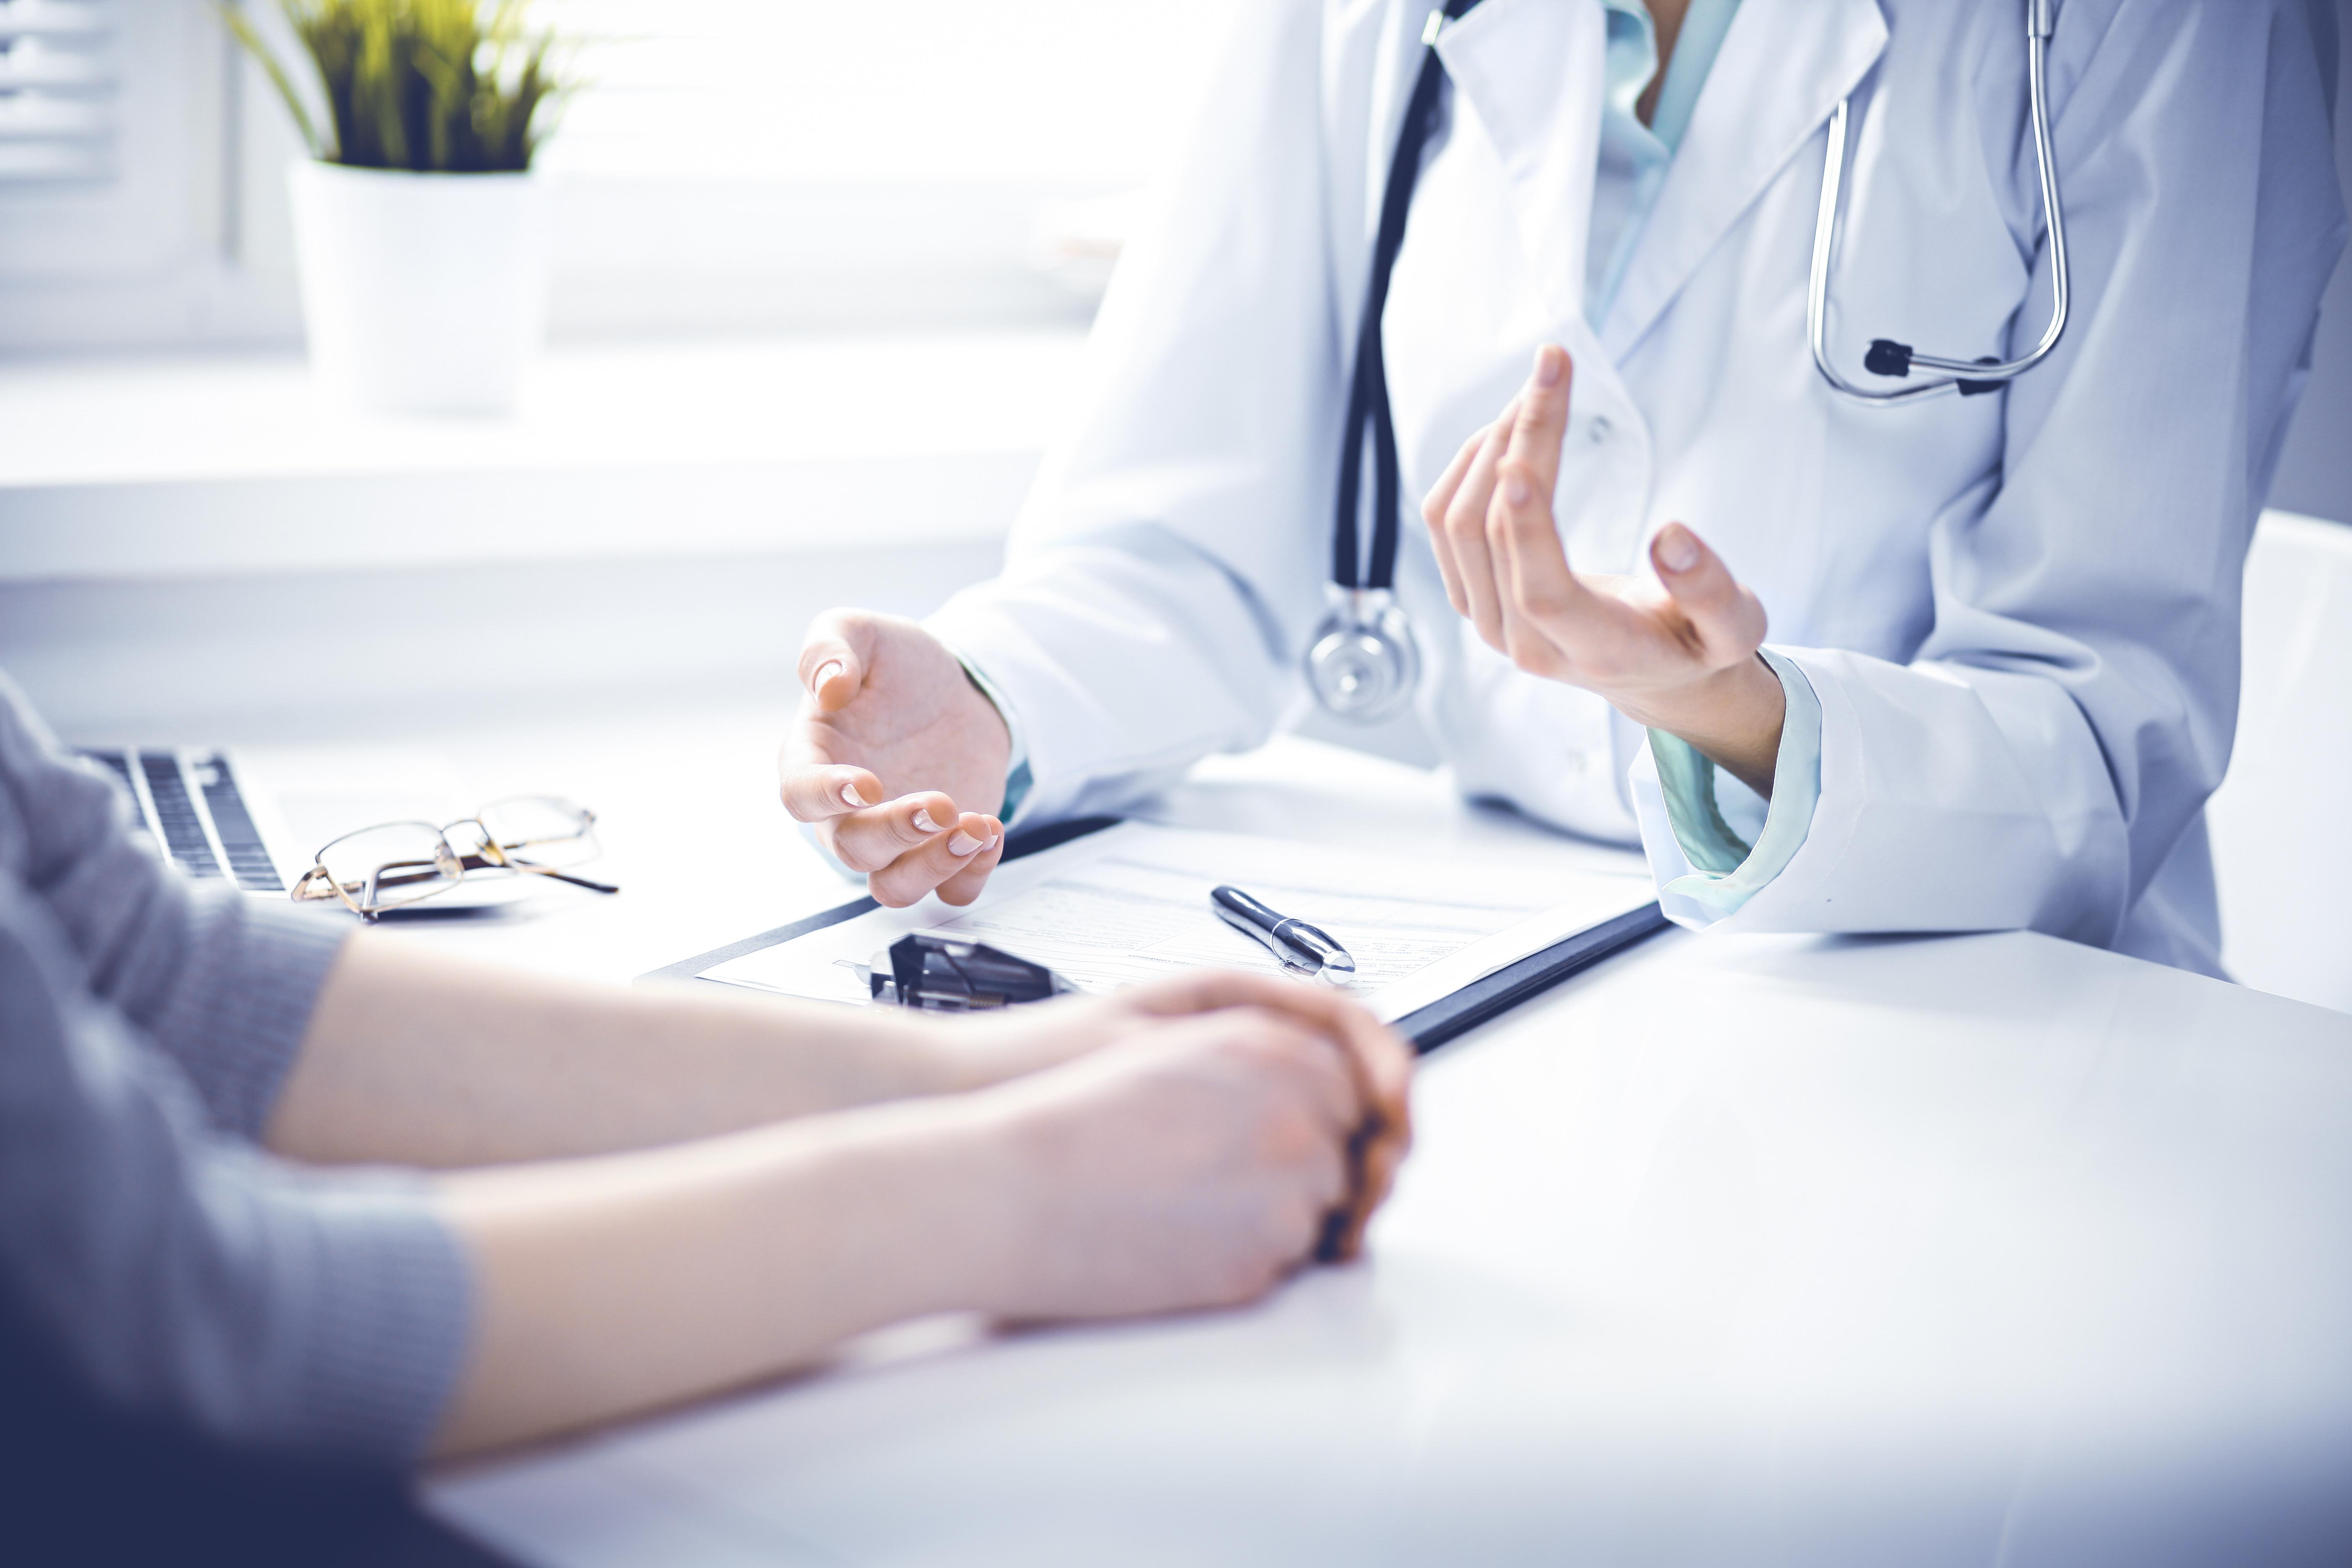 A Telemedicina Morsch como aliada no centro de diagnósticos